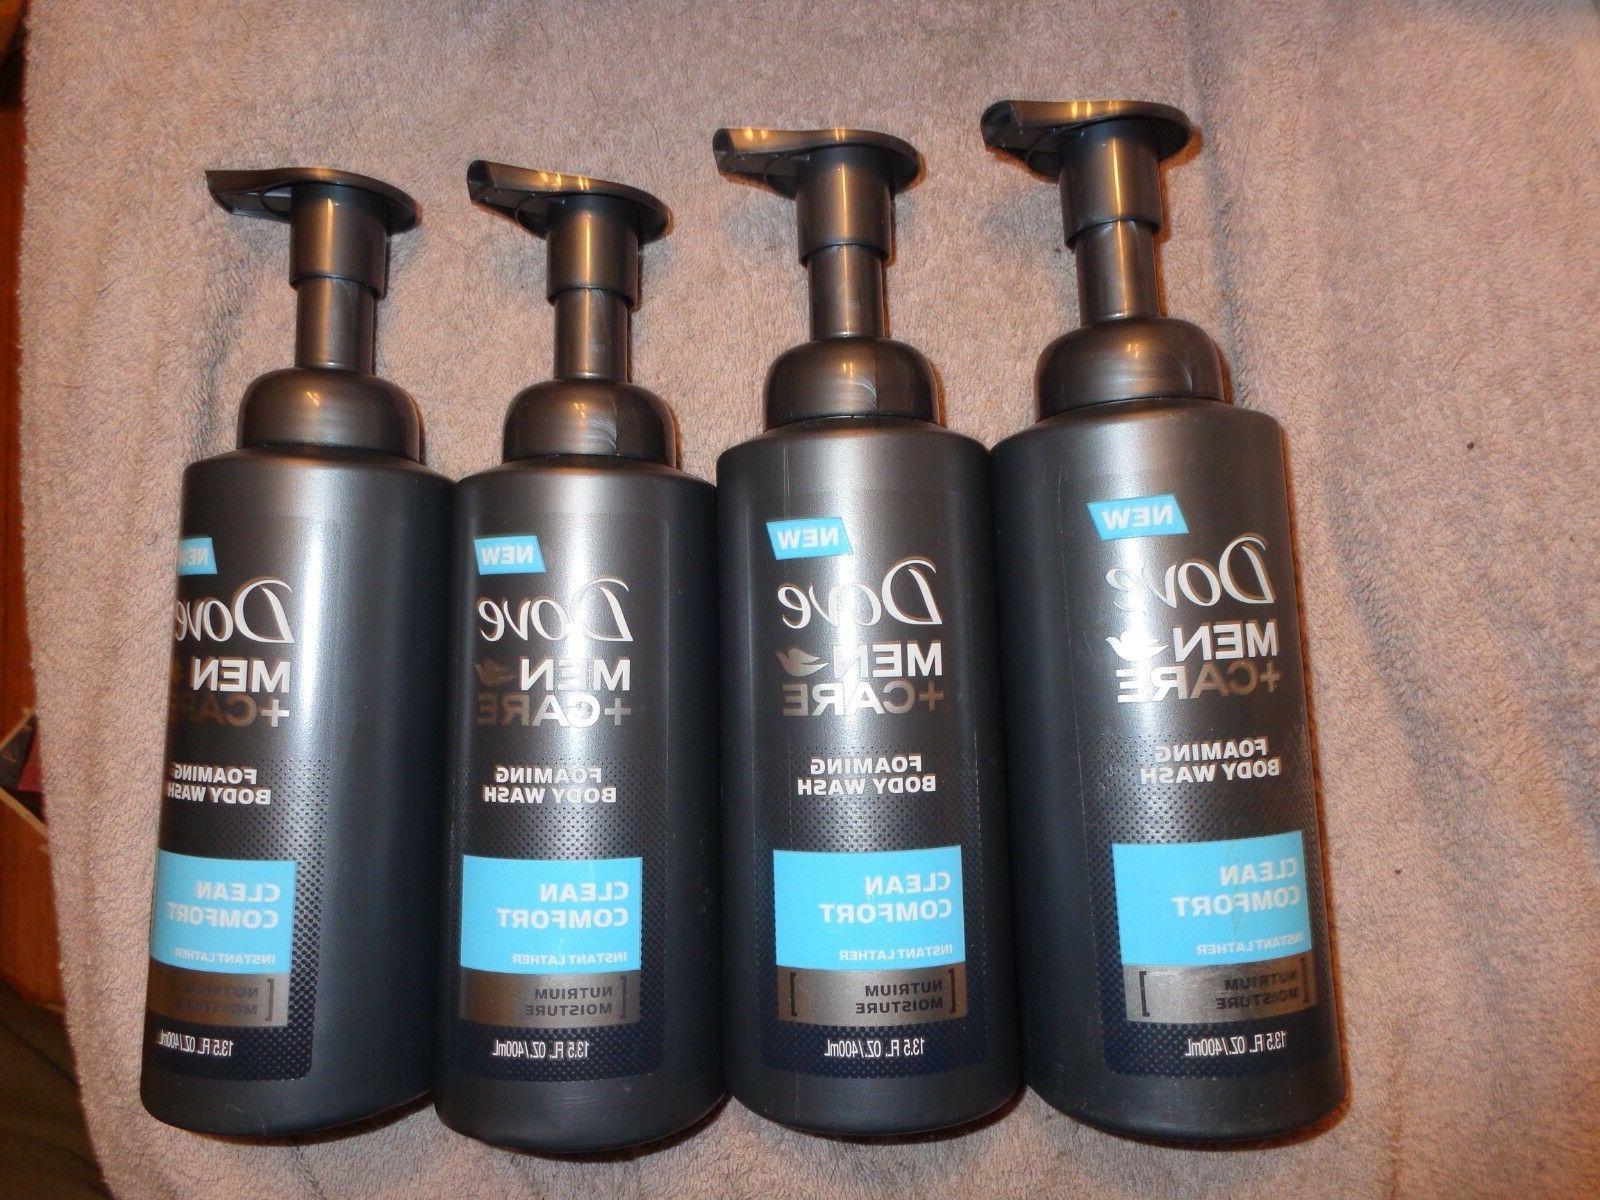 lot 4 men care clean comfort foaming